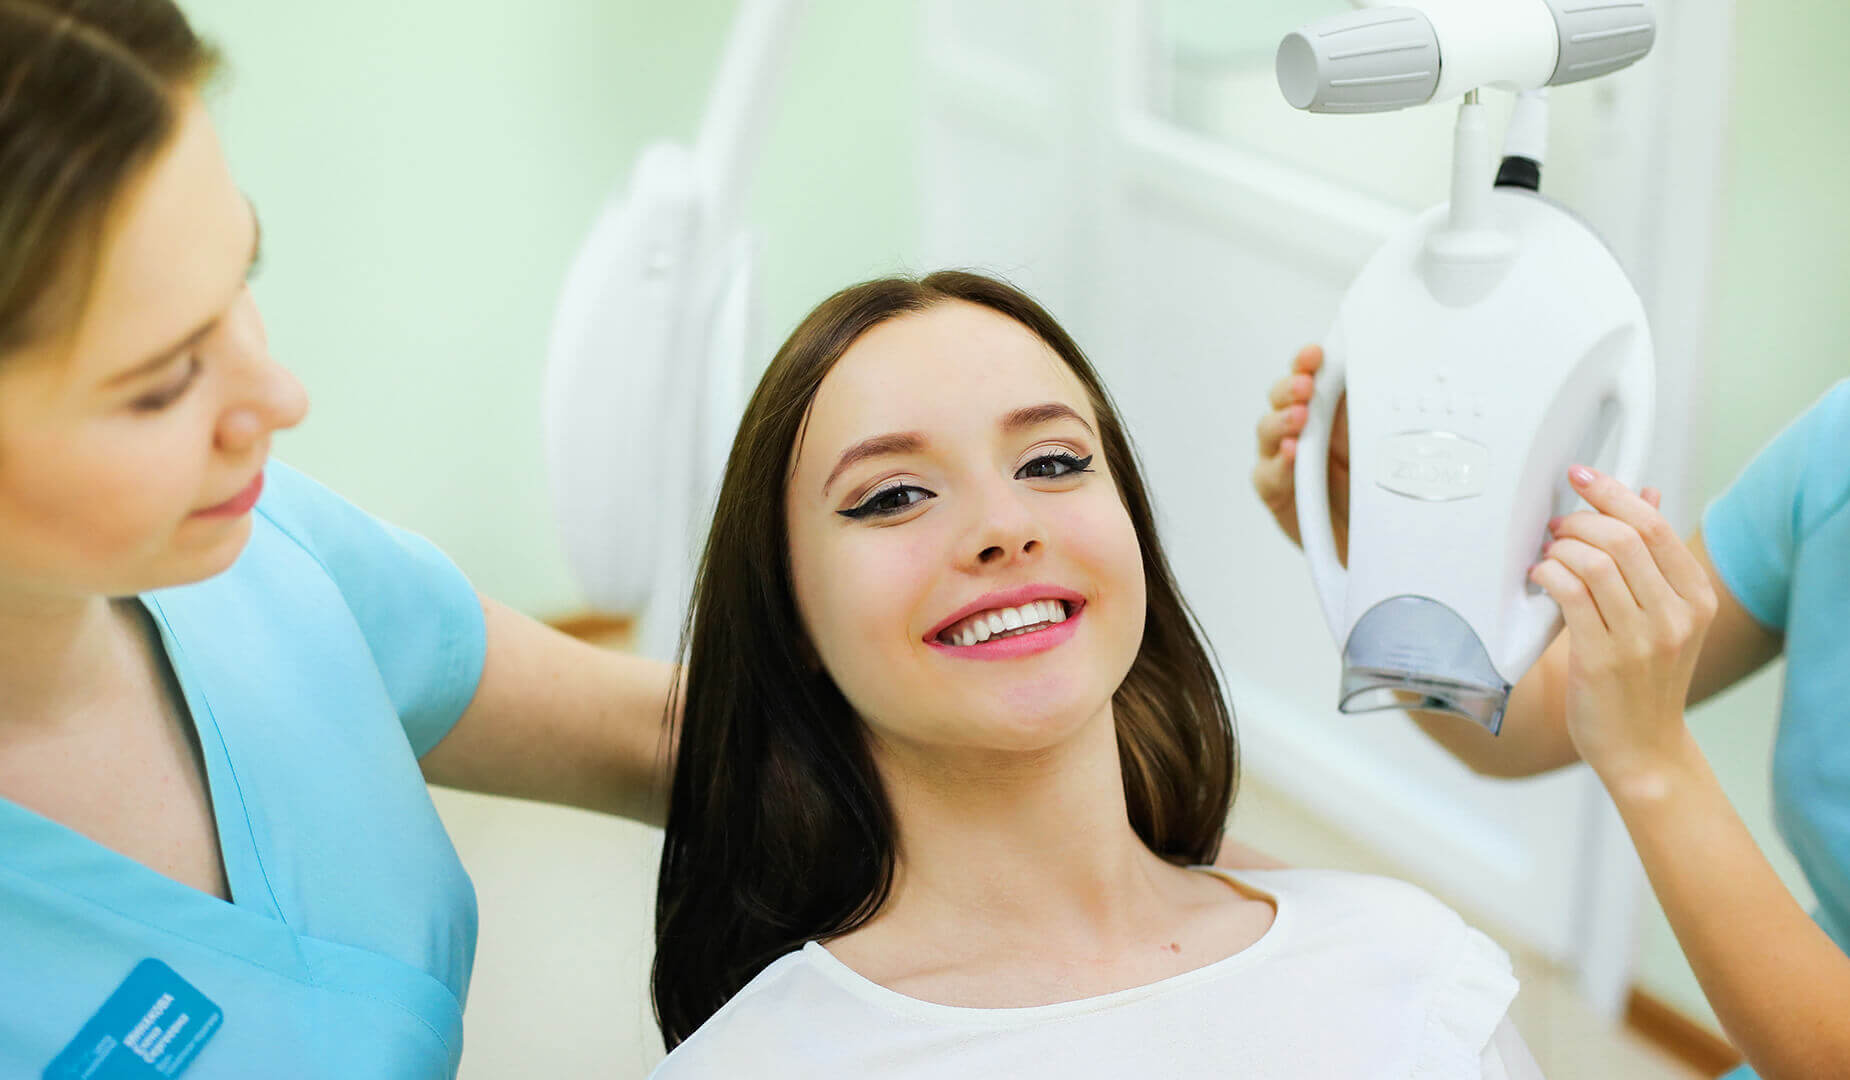 Пациентка демонстрирует свою новую ослепительную улыбку